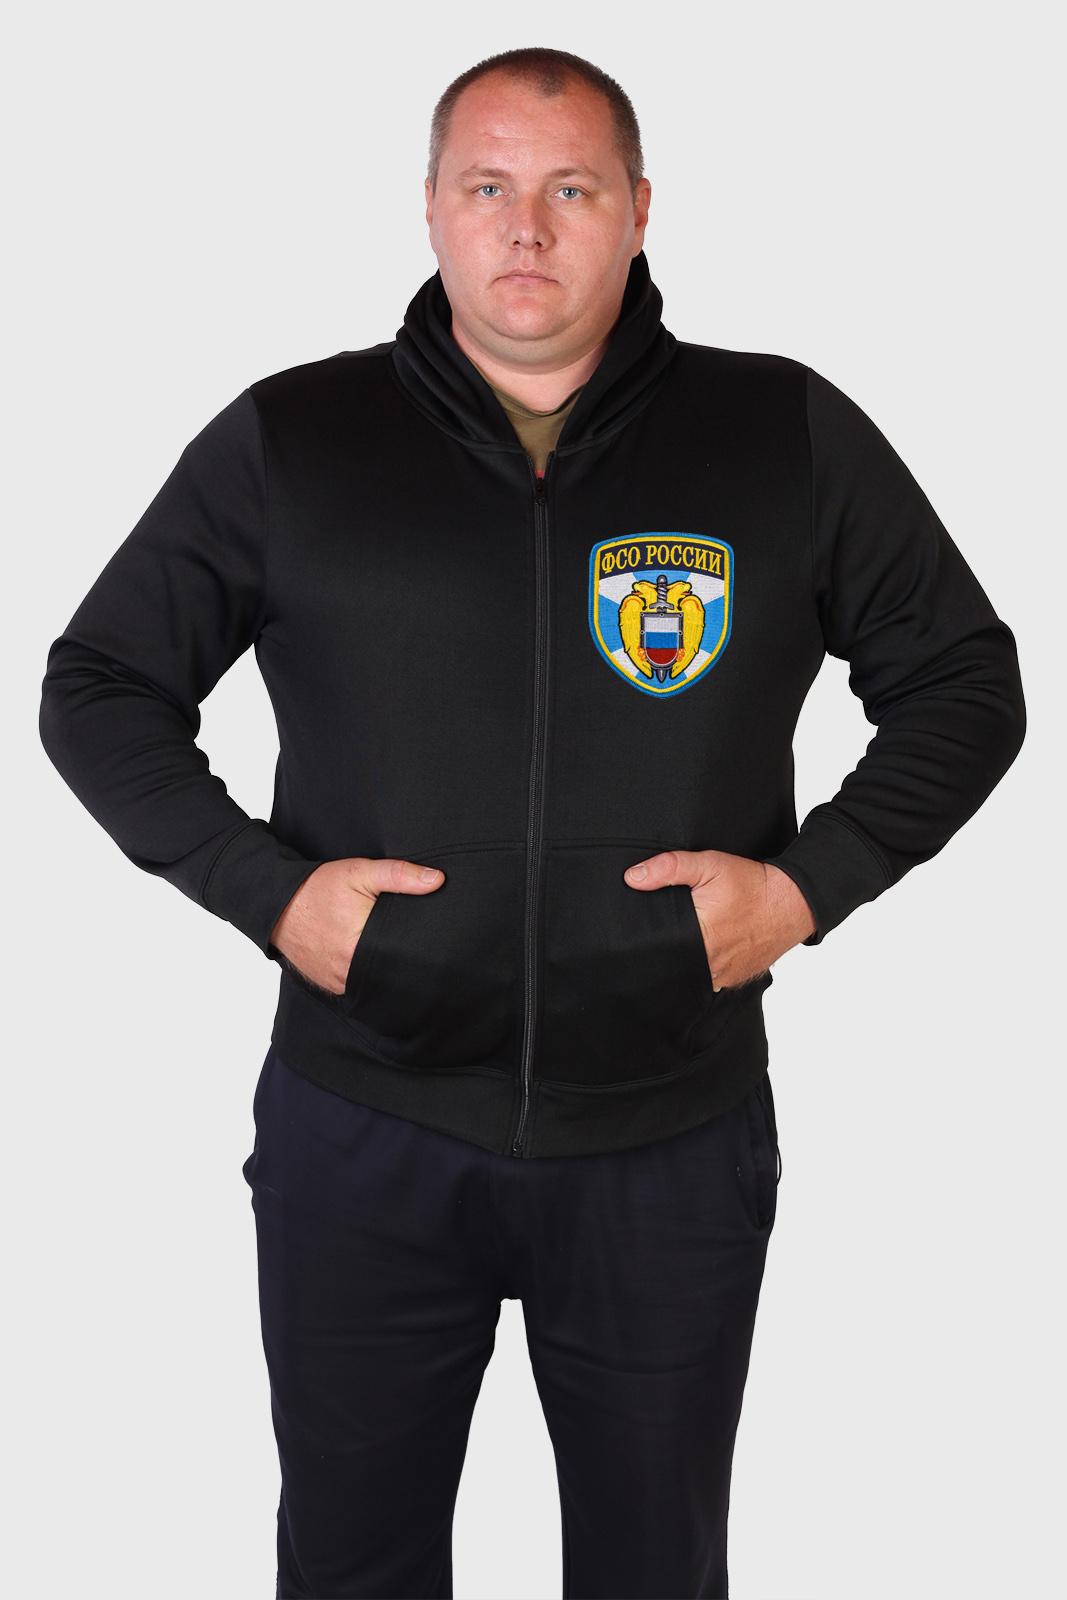 Недорогая мужская толстовка с эмблемой ФСО